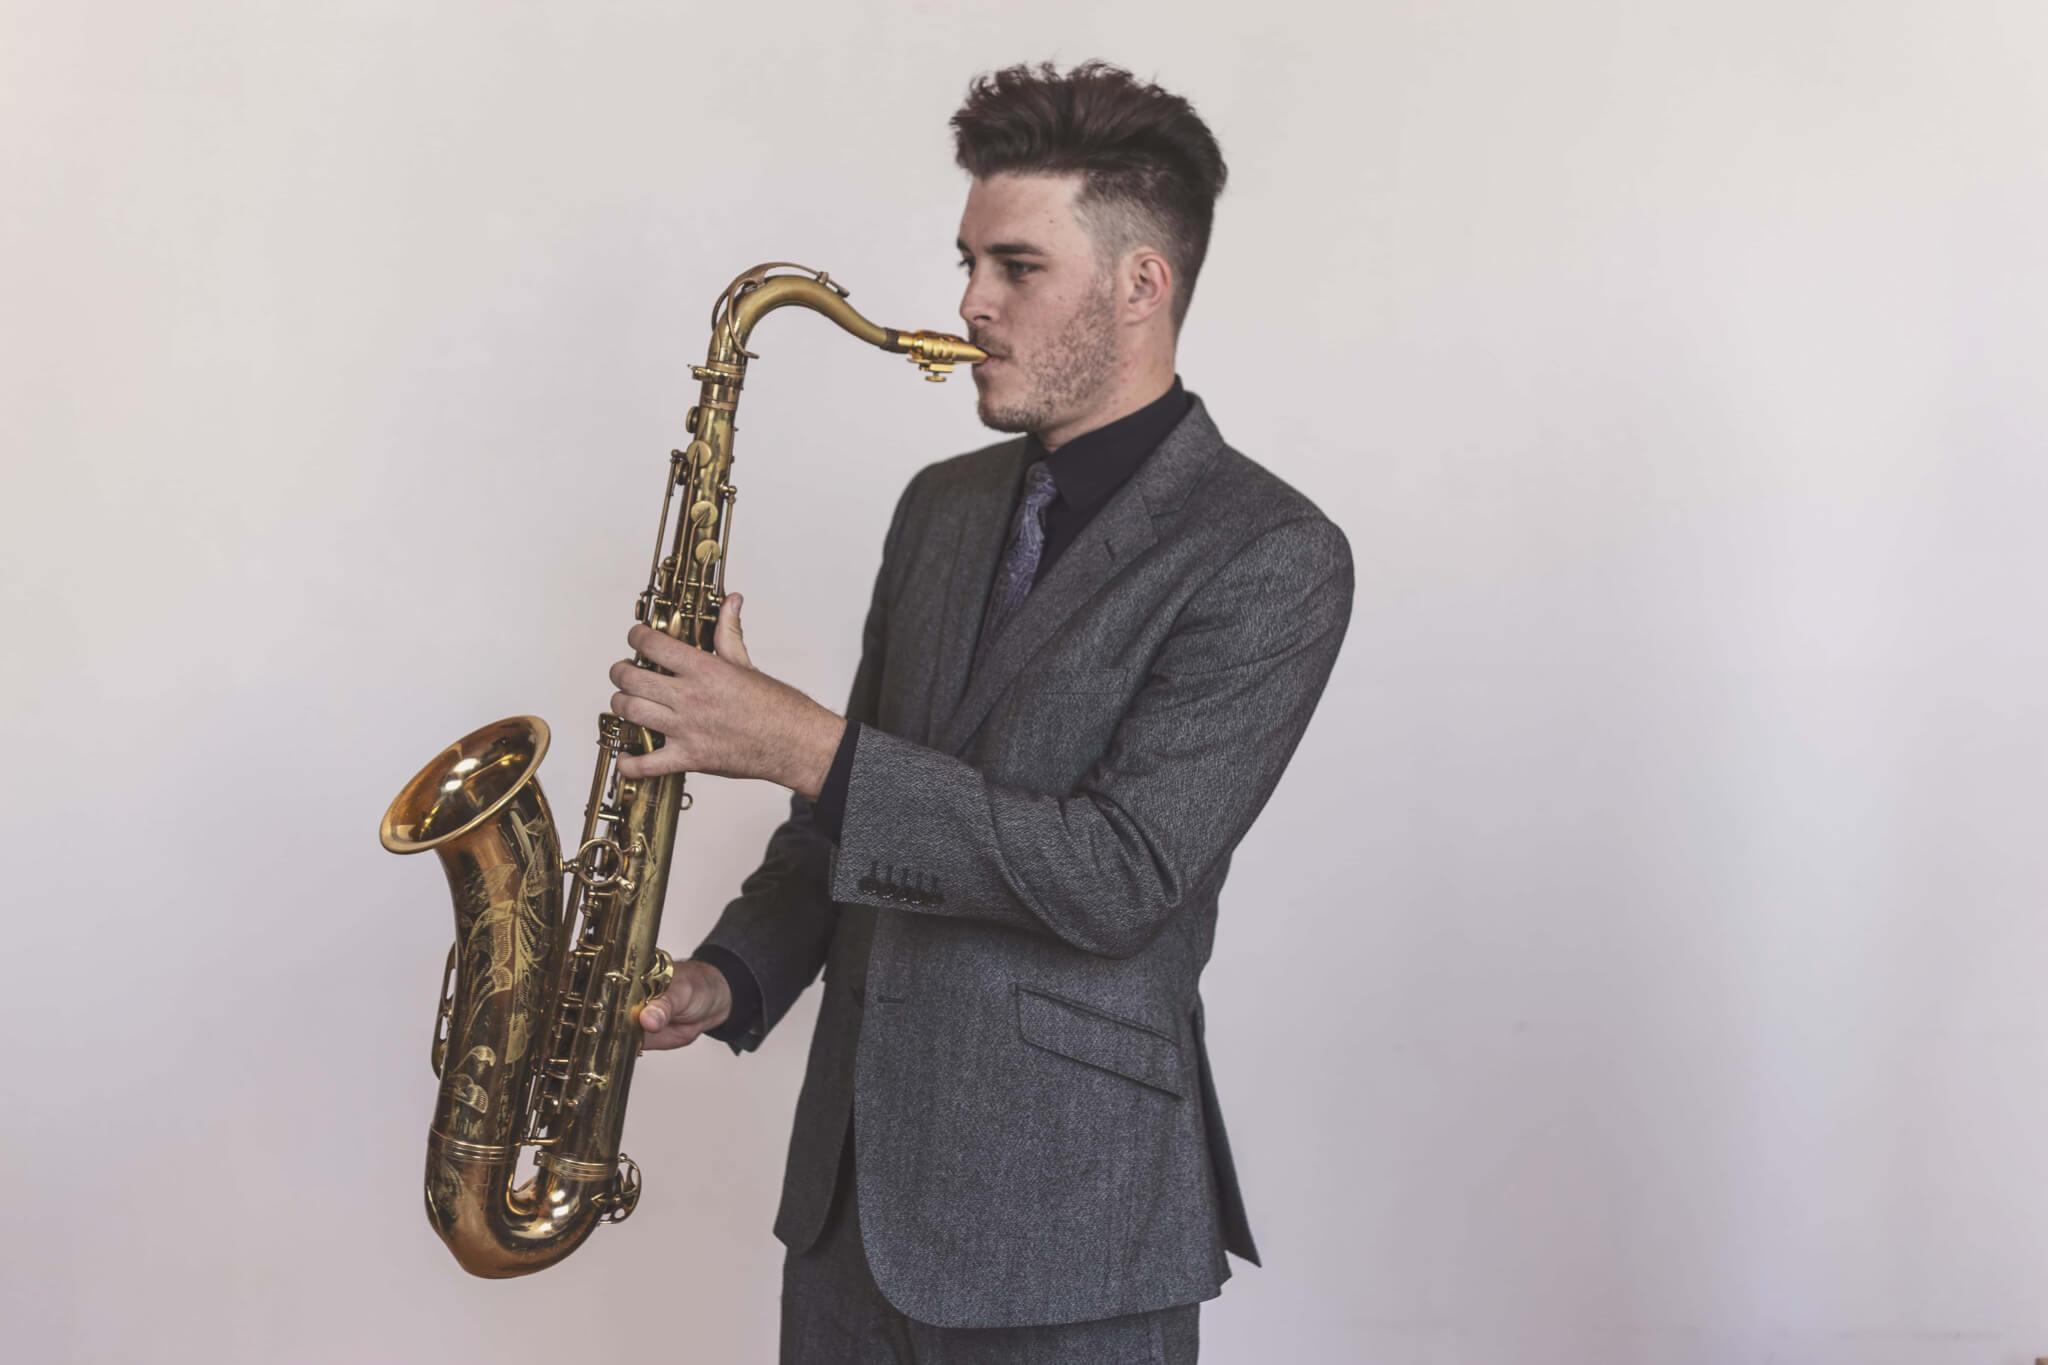 Cooper Sax